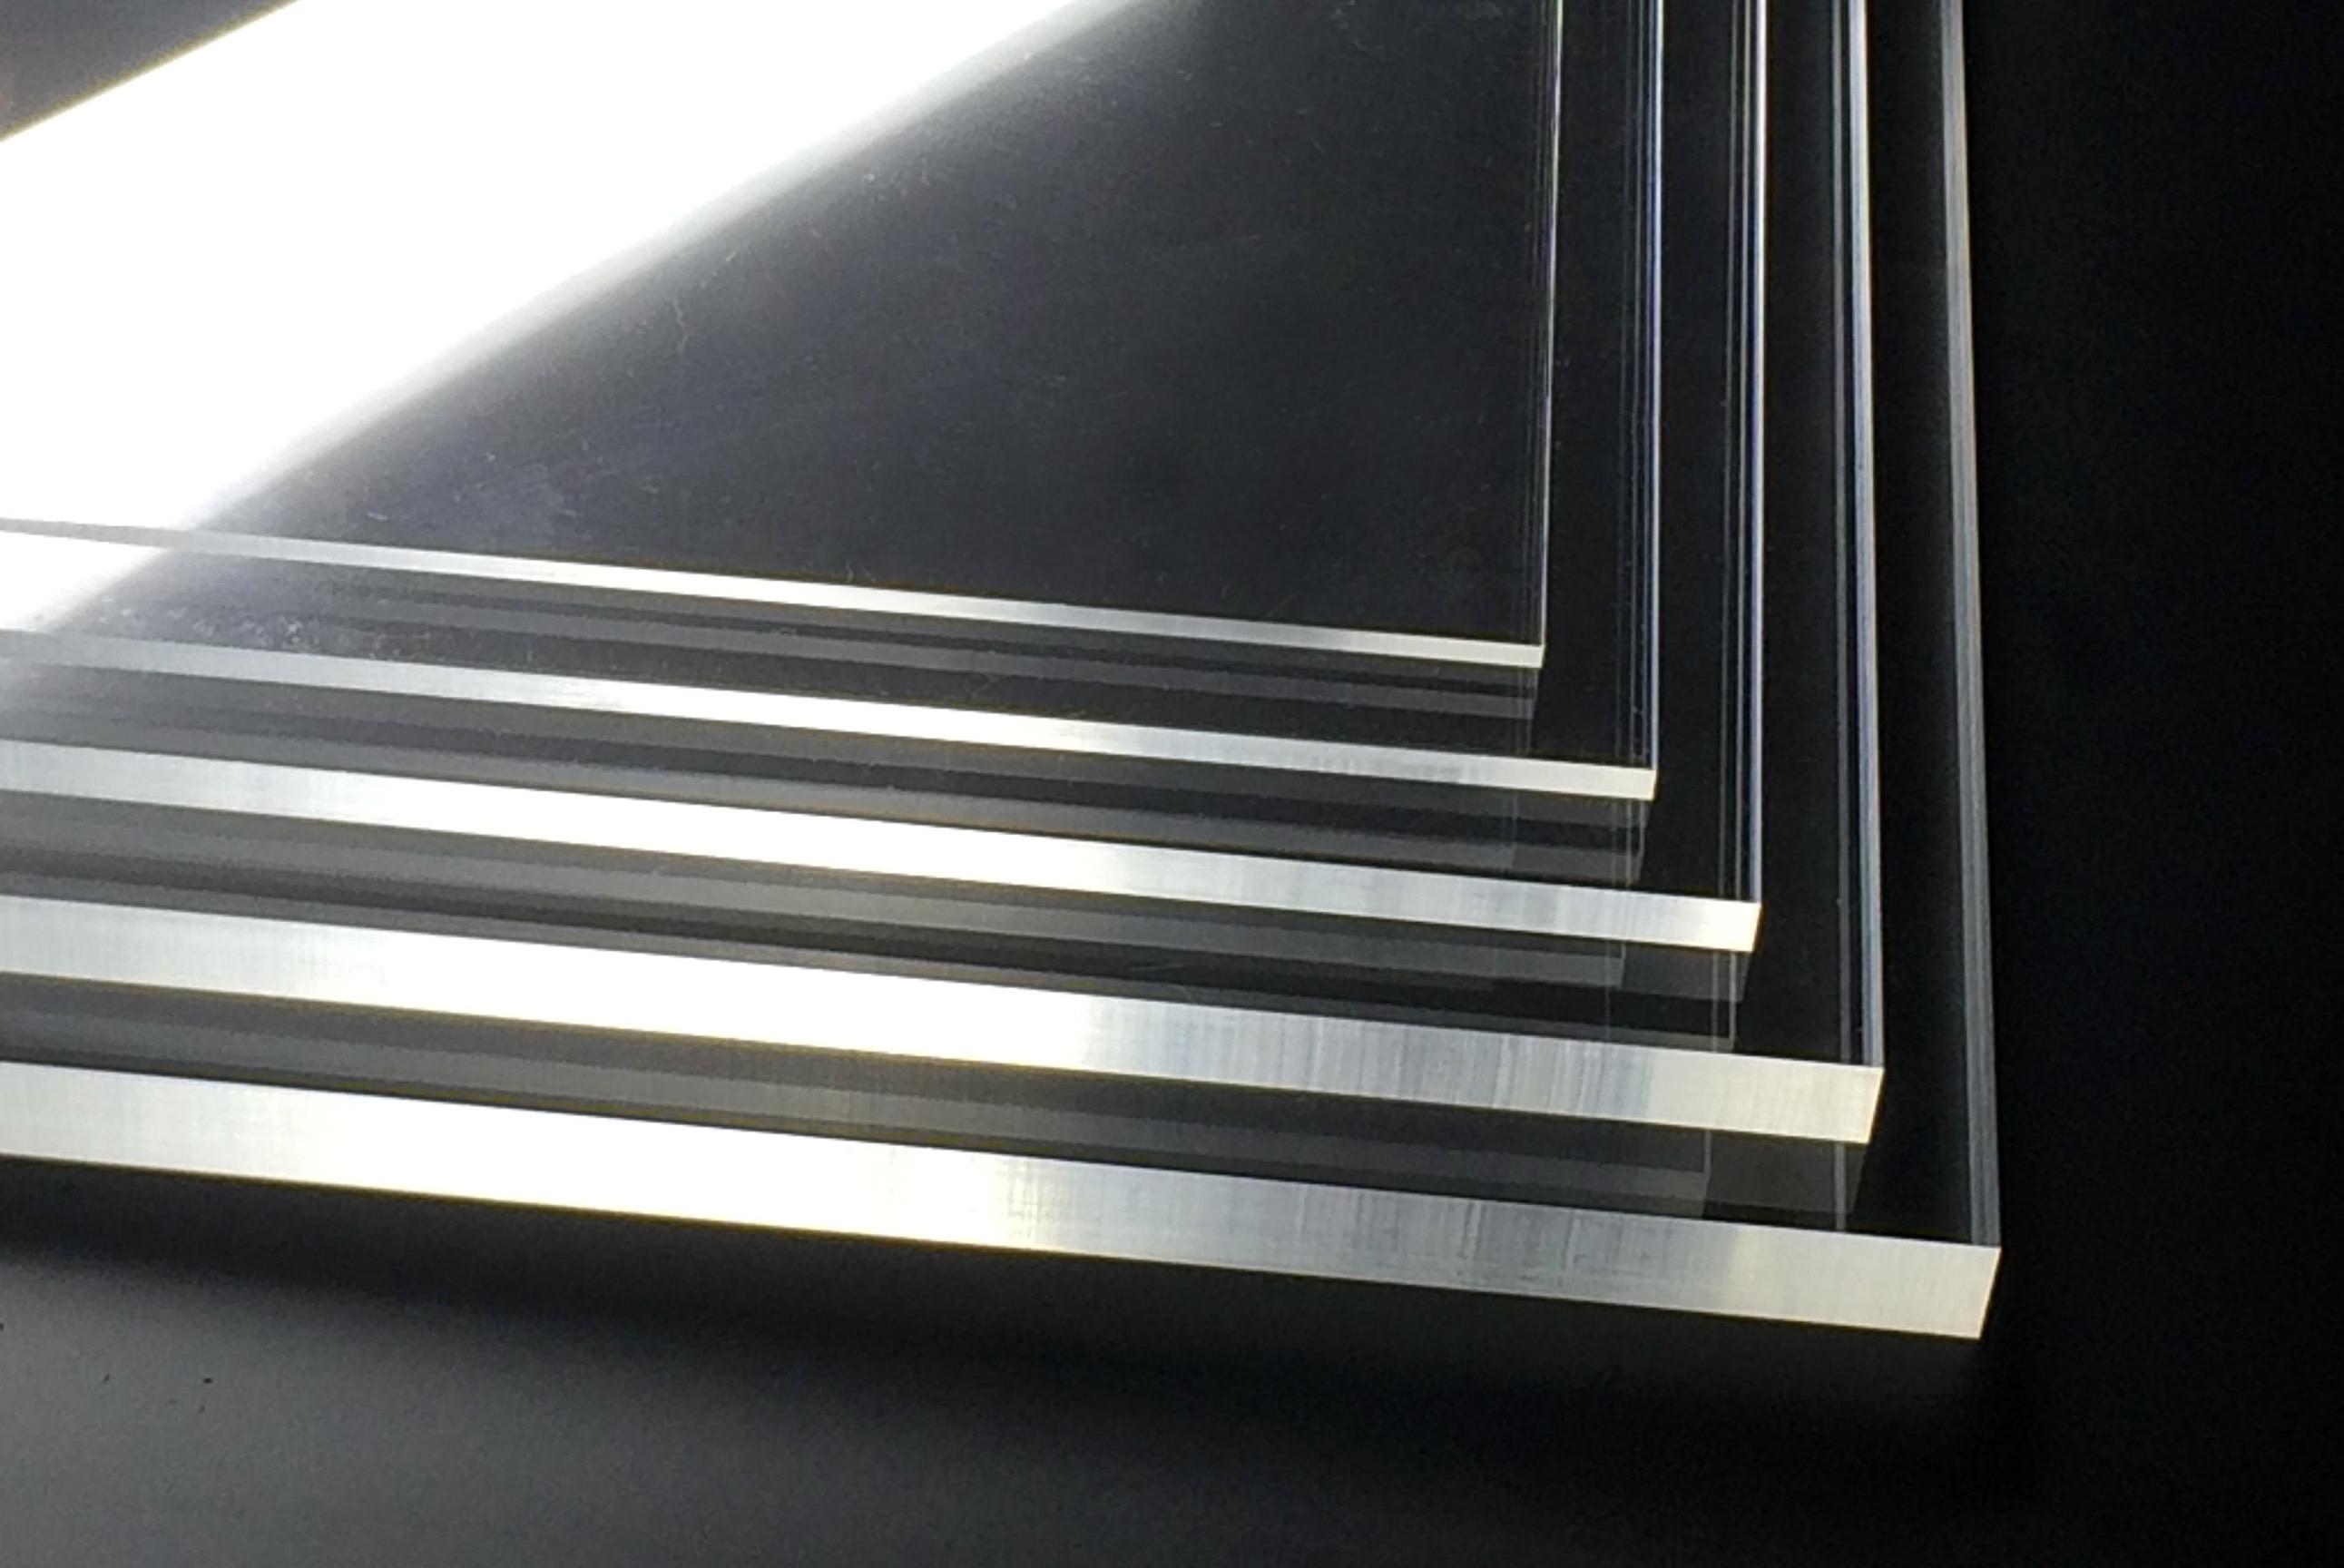 厚み アクリル 板